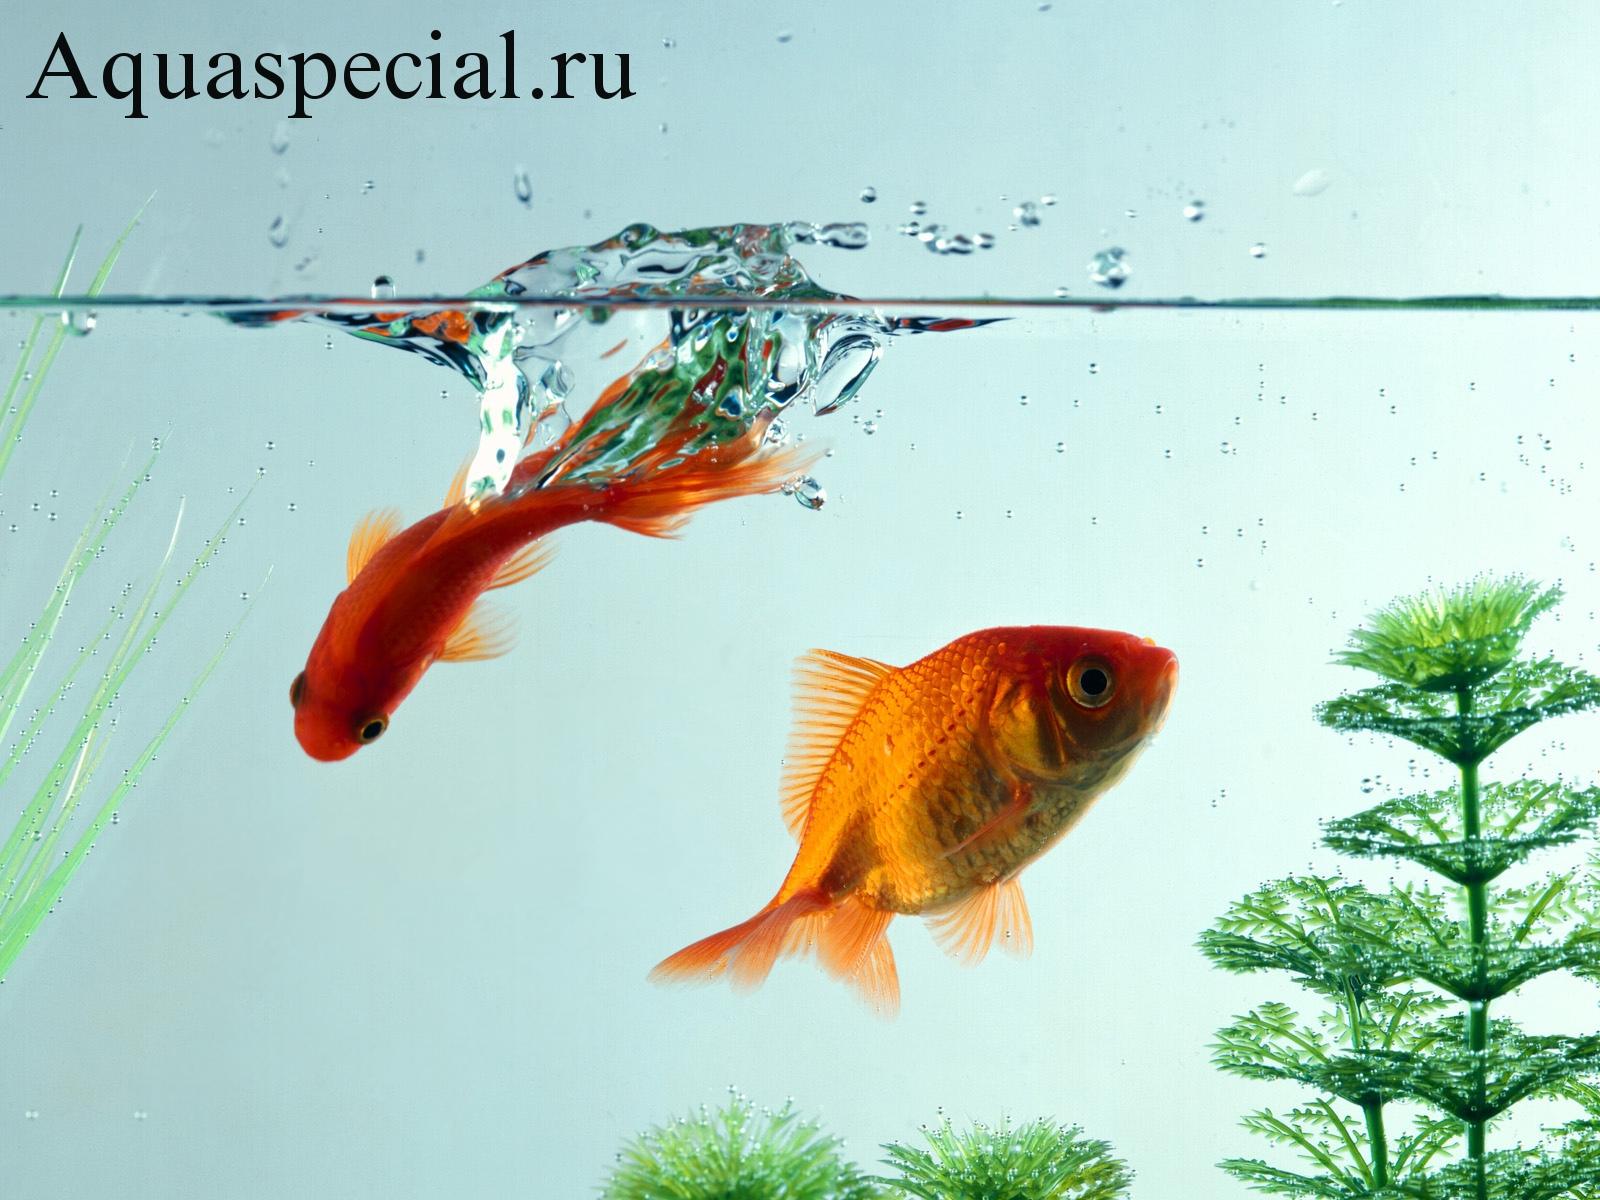 Болезни аквариумных рыбок: Симптомы, лечение